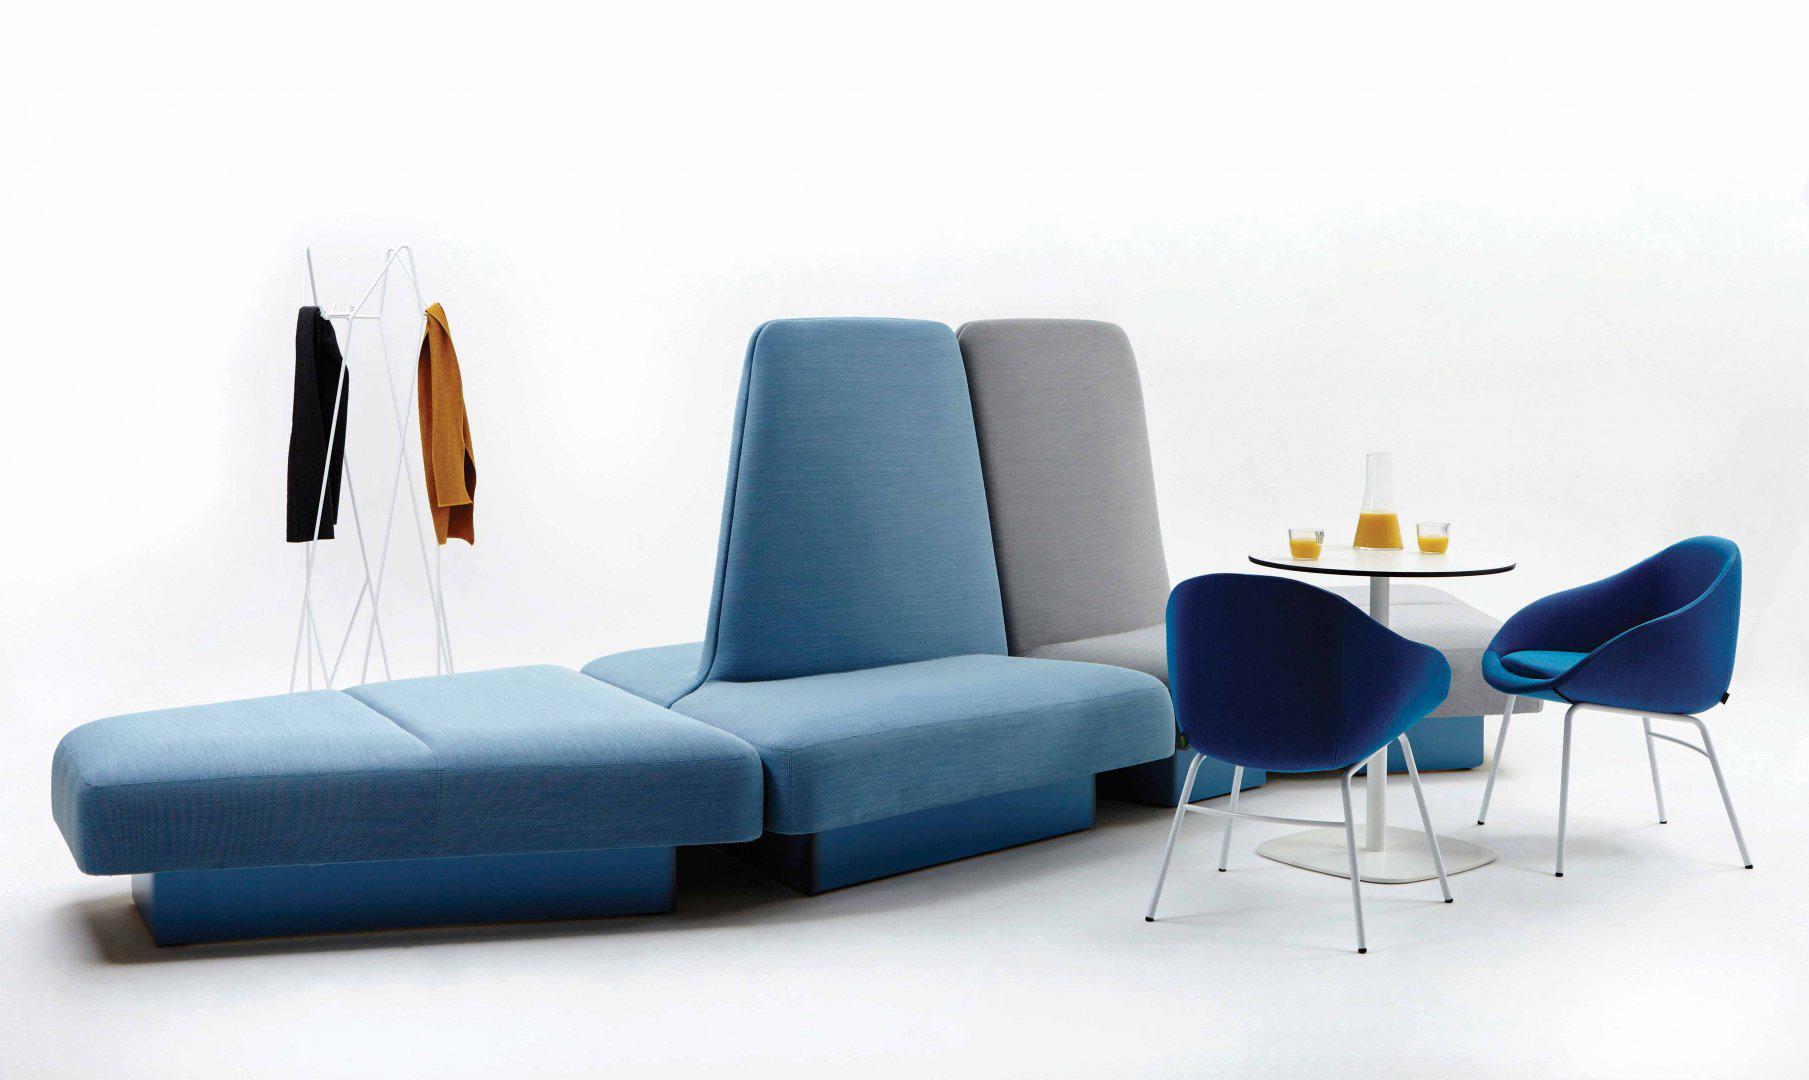 Rhyme Modular Seating Workspace Studio